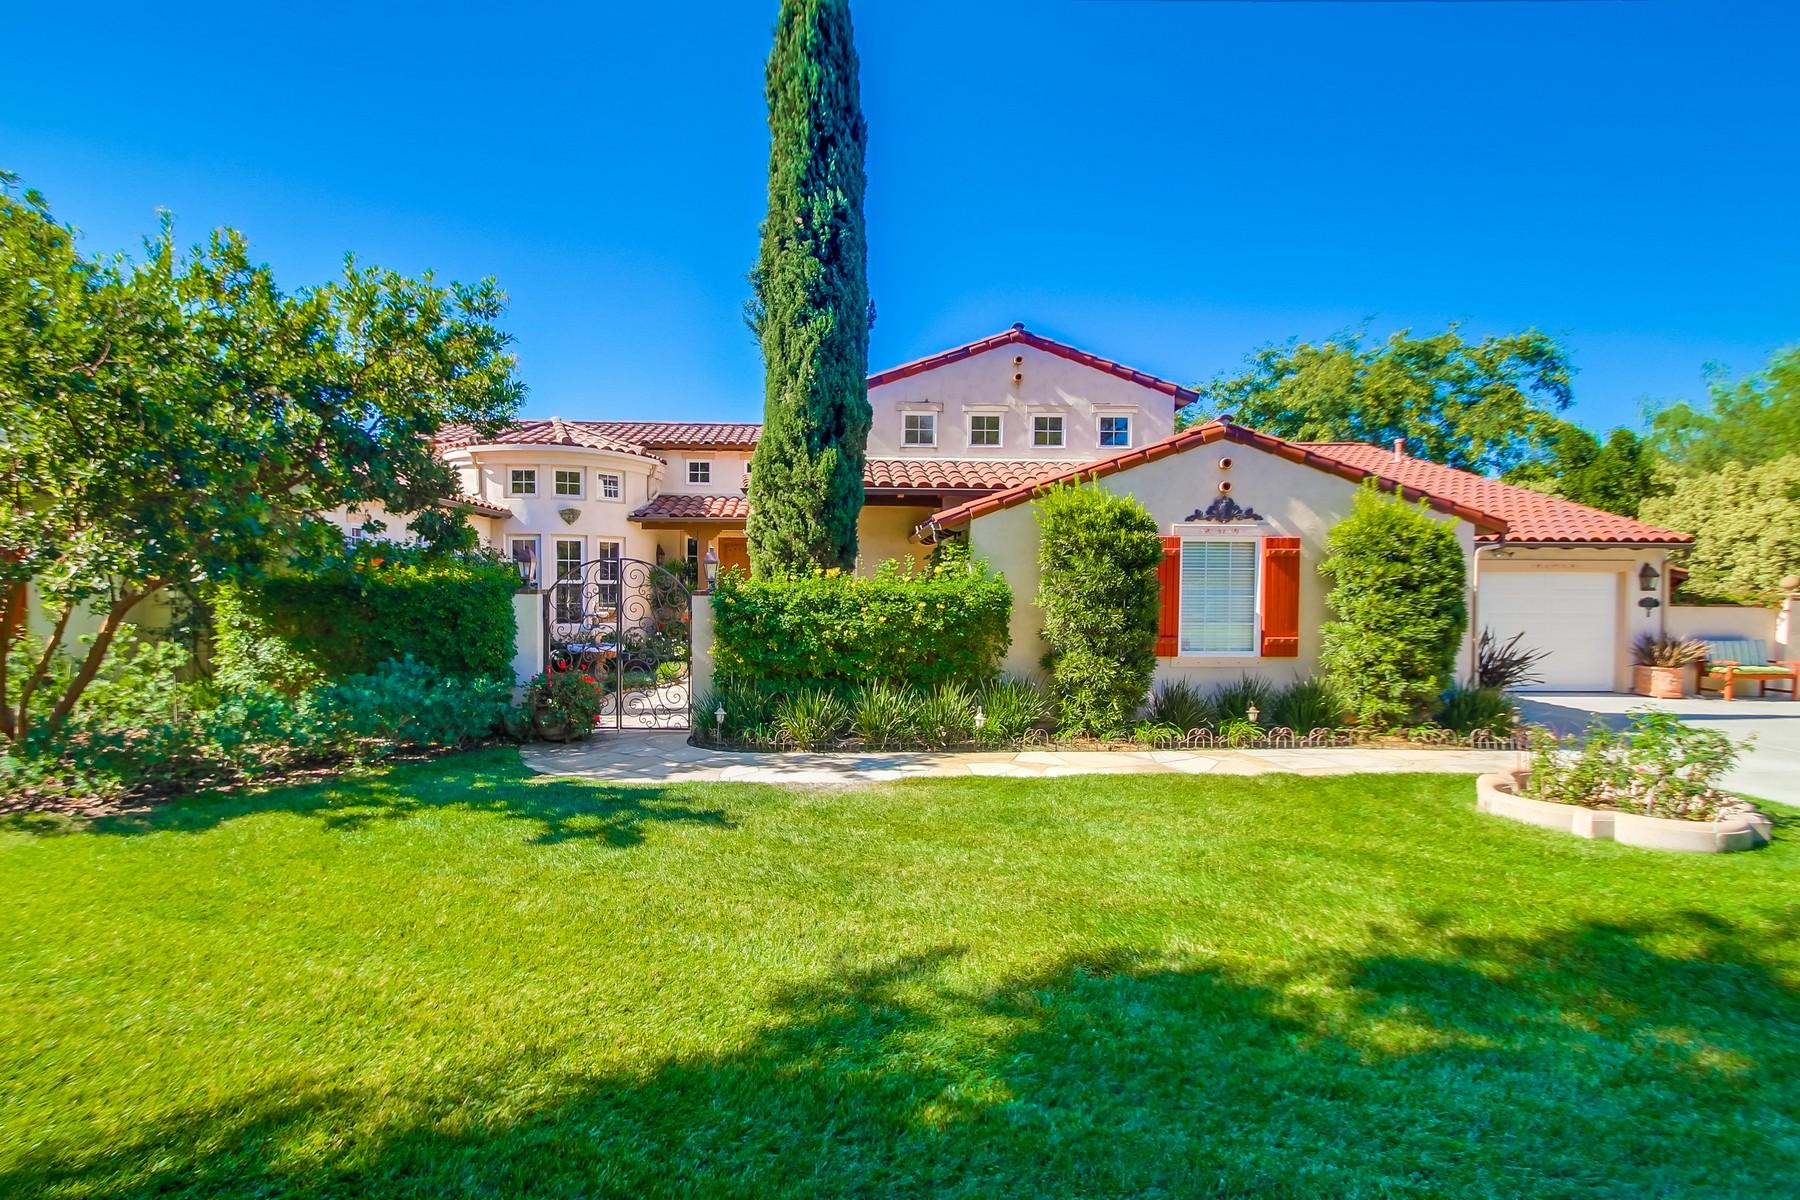 واحد منزل الأسرة للـ Sale في 2007 Kristi Ct Fallbrook, California, 92028 United States